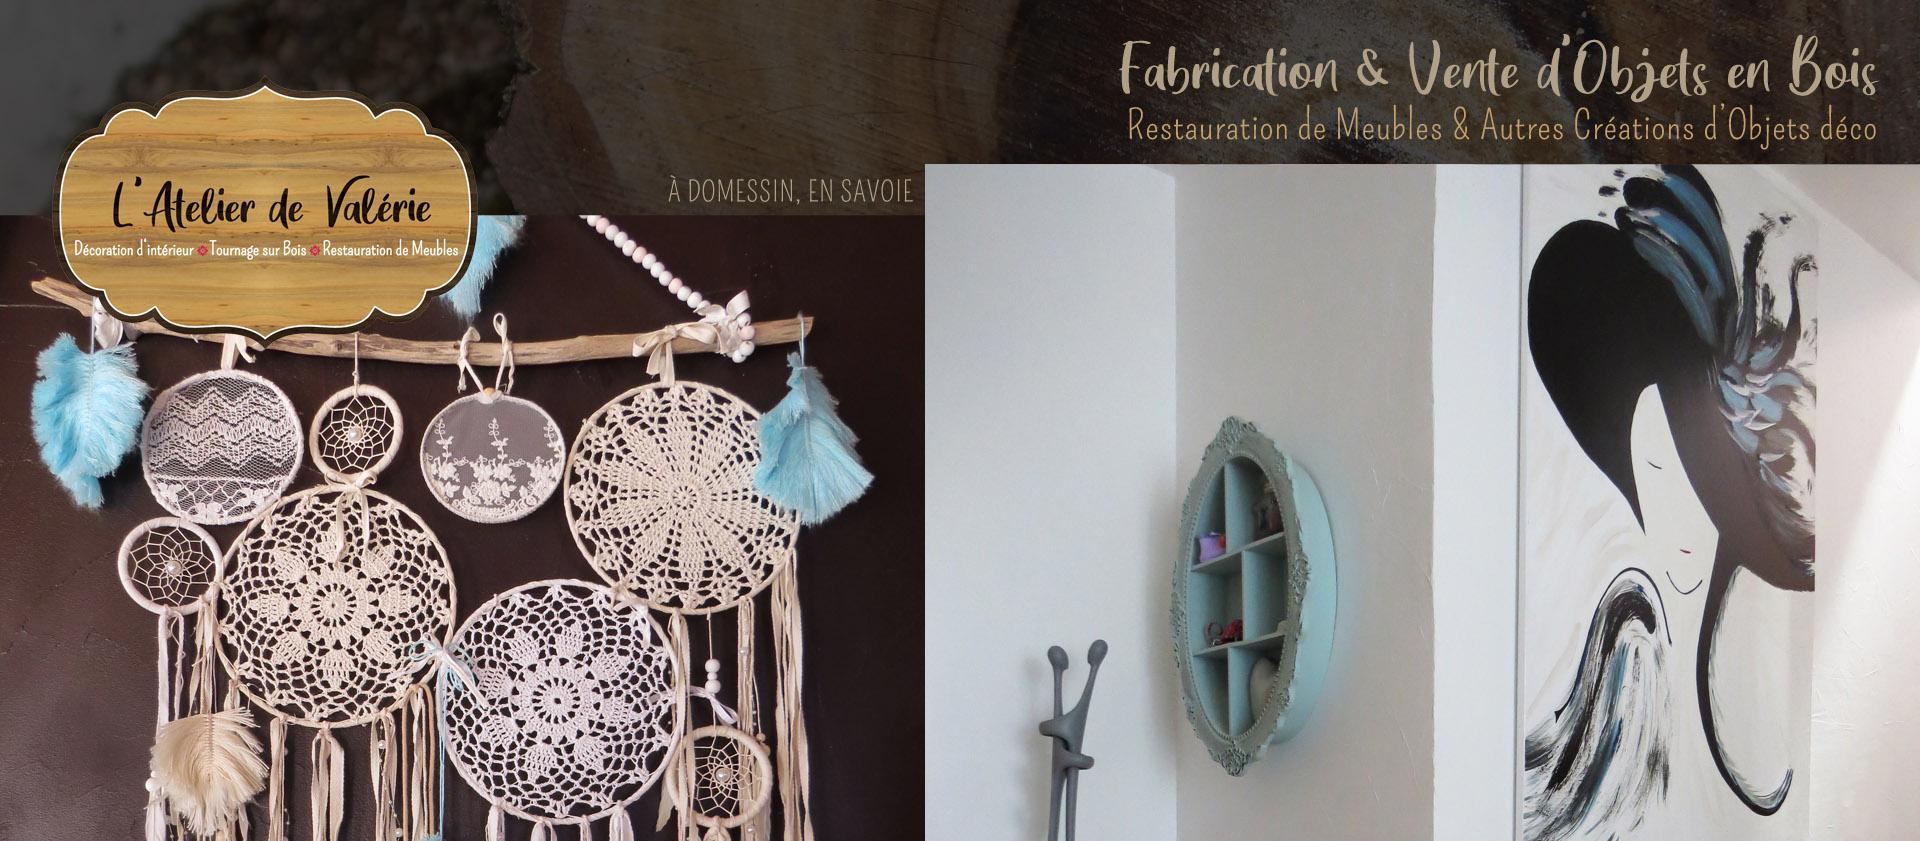 fabrication artisanale. pièce unique noyer massif.Tournage sur bois.L'atelier de valérie . Domessin . Savoie